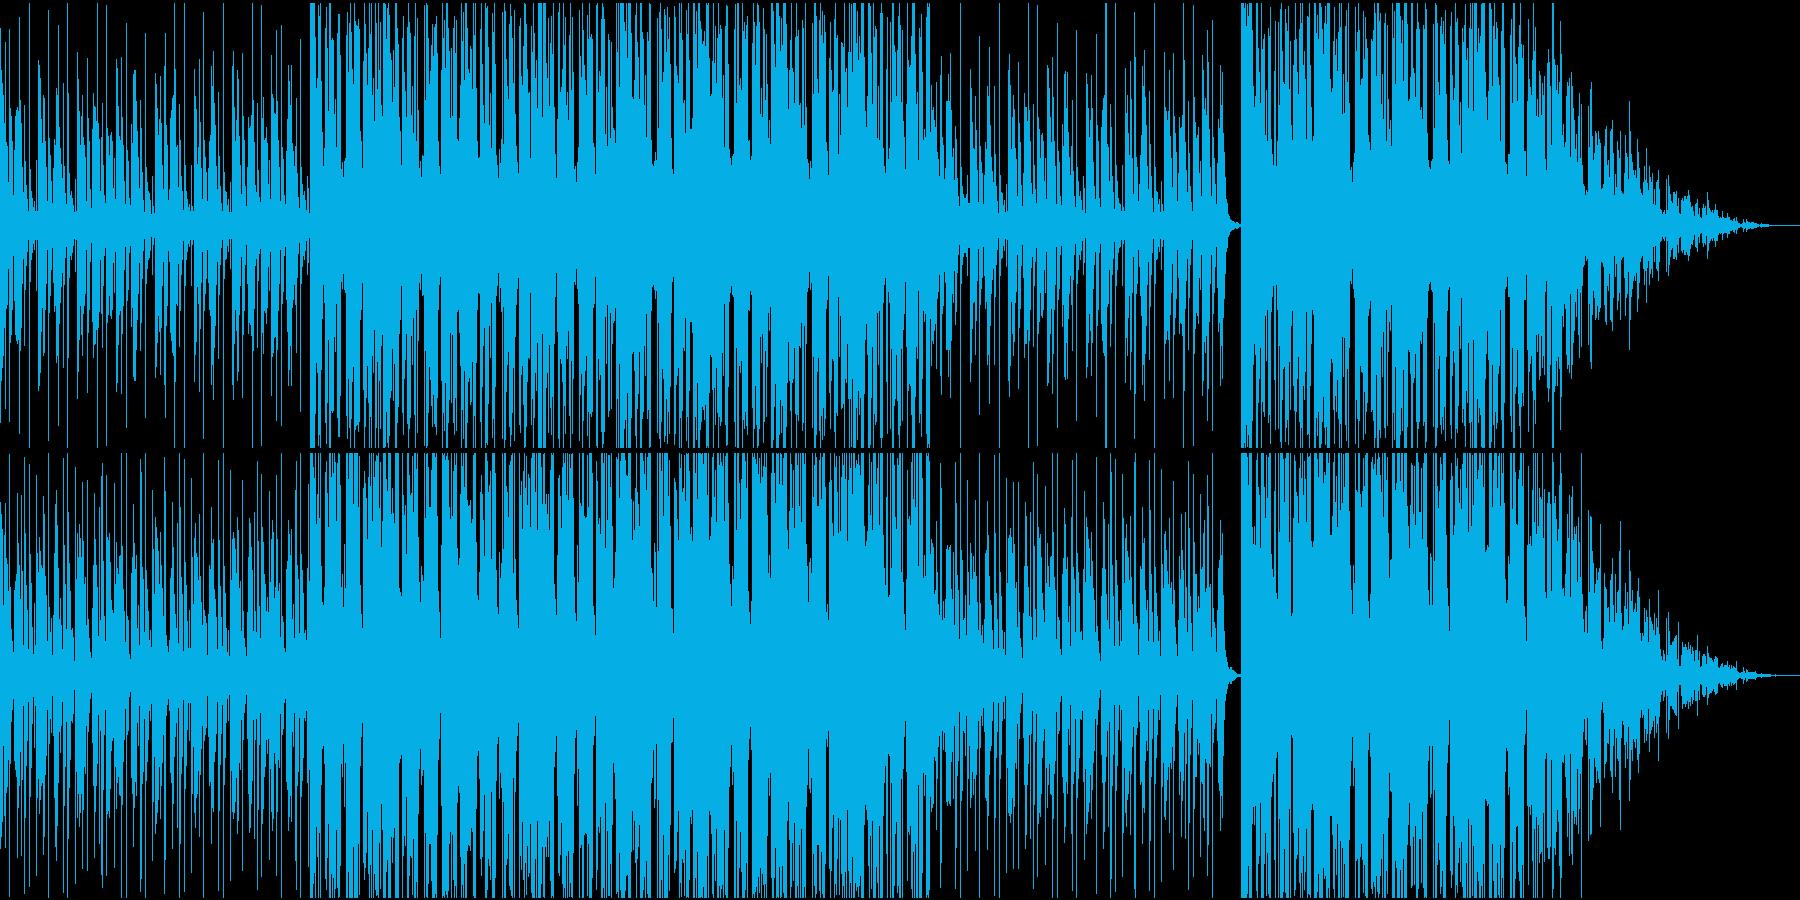 突然雰囲気が変化するBGMの再生済みの波形